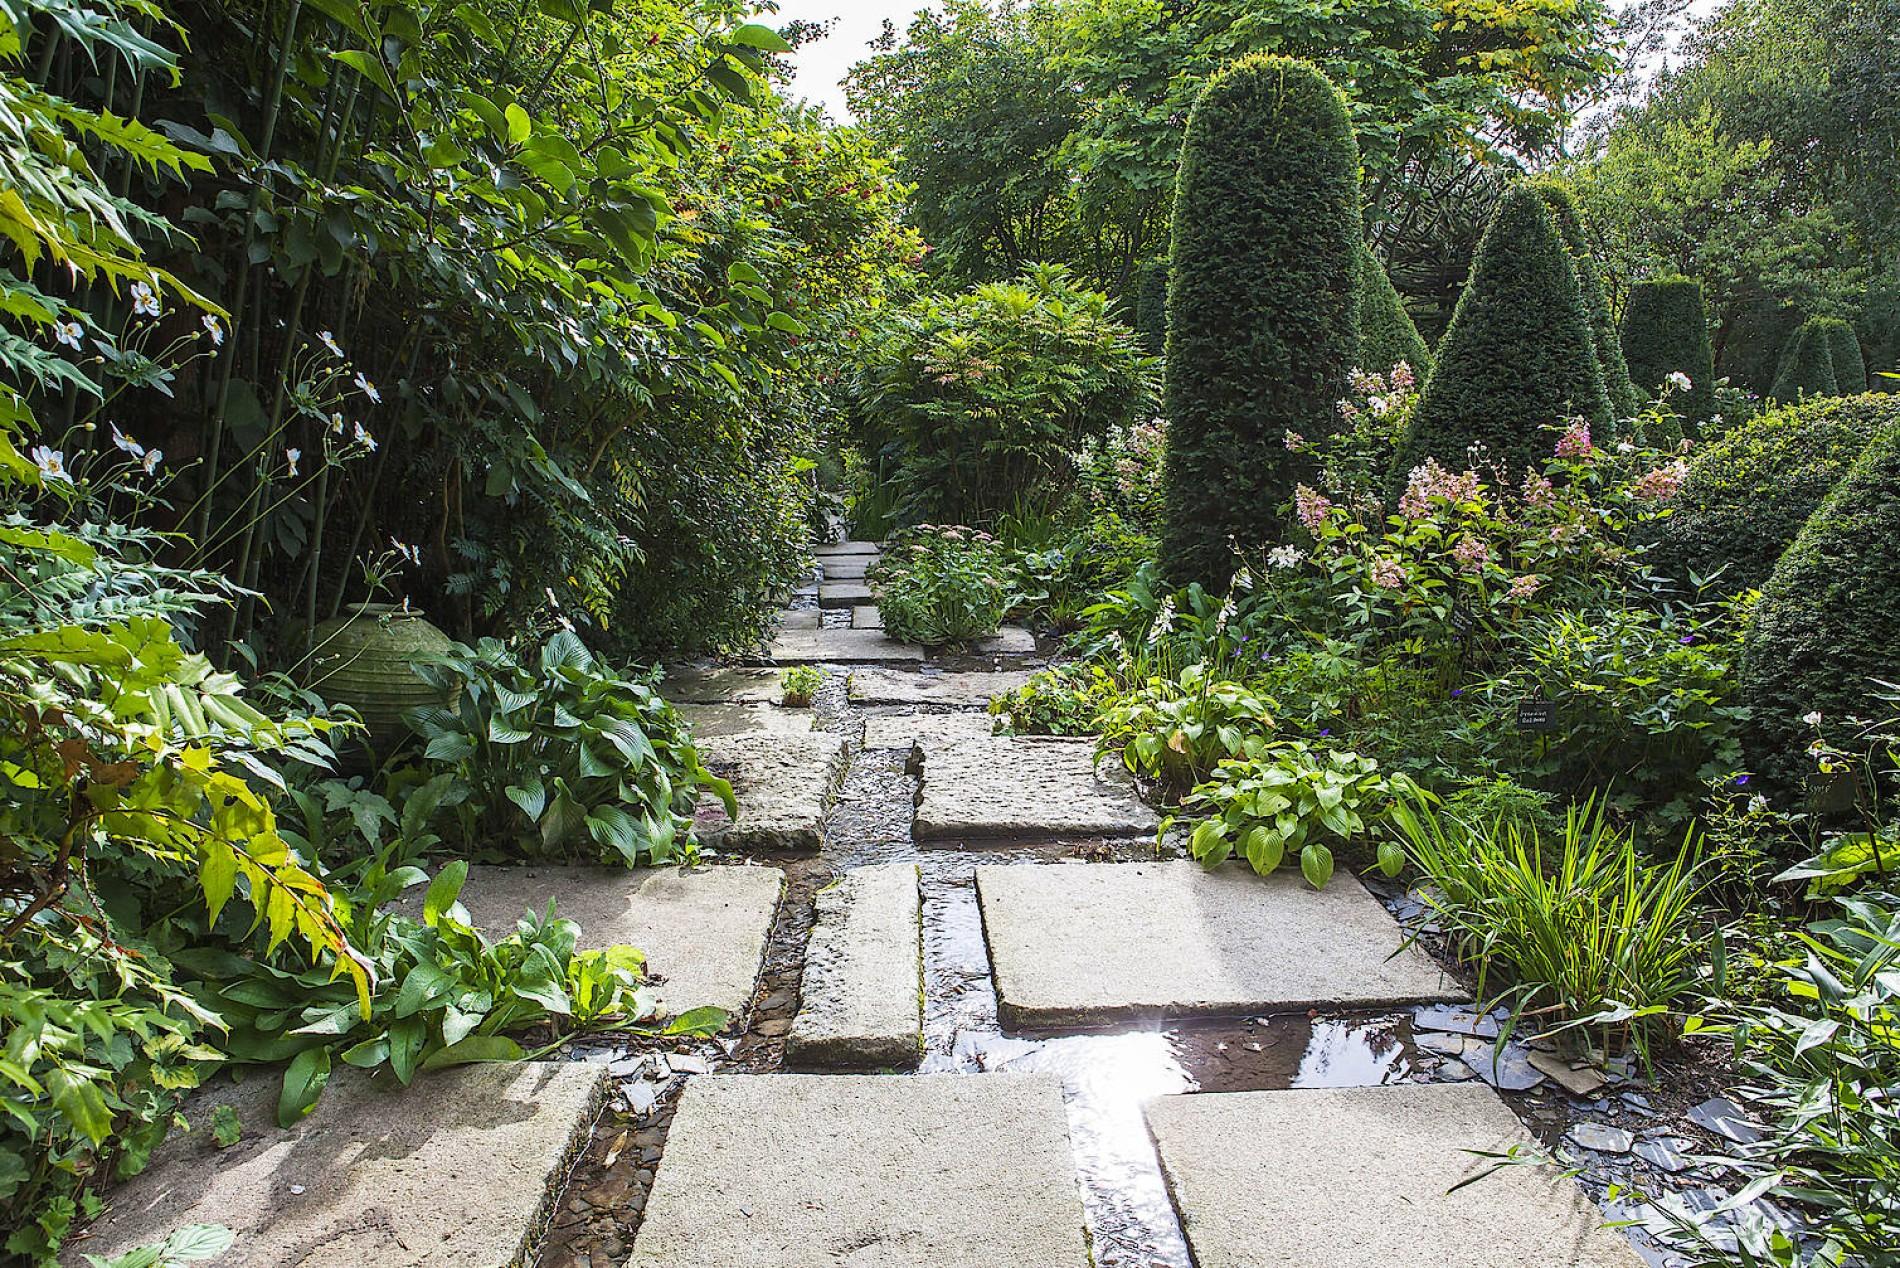 Normandie: Jenseits von Claude Monets Garten